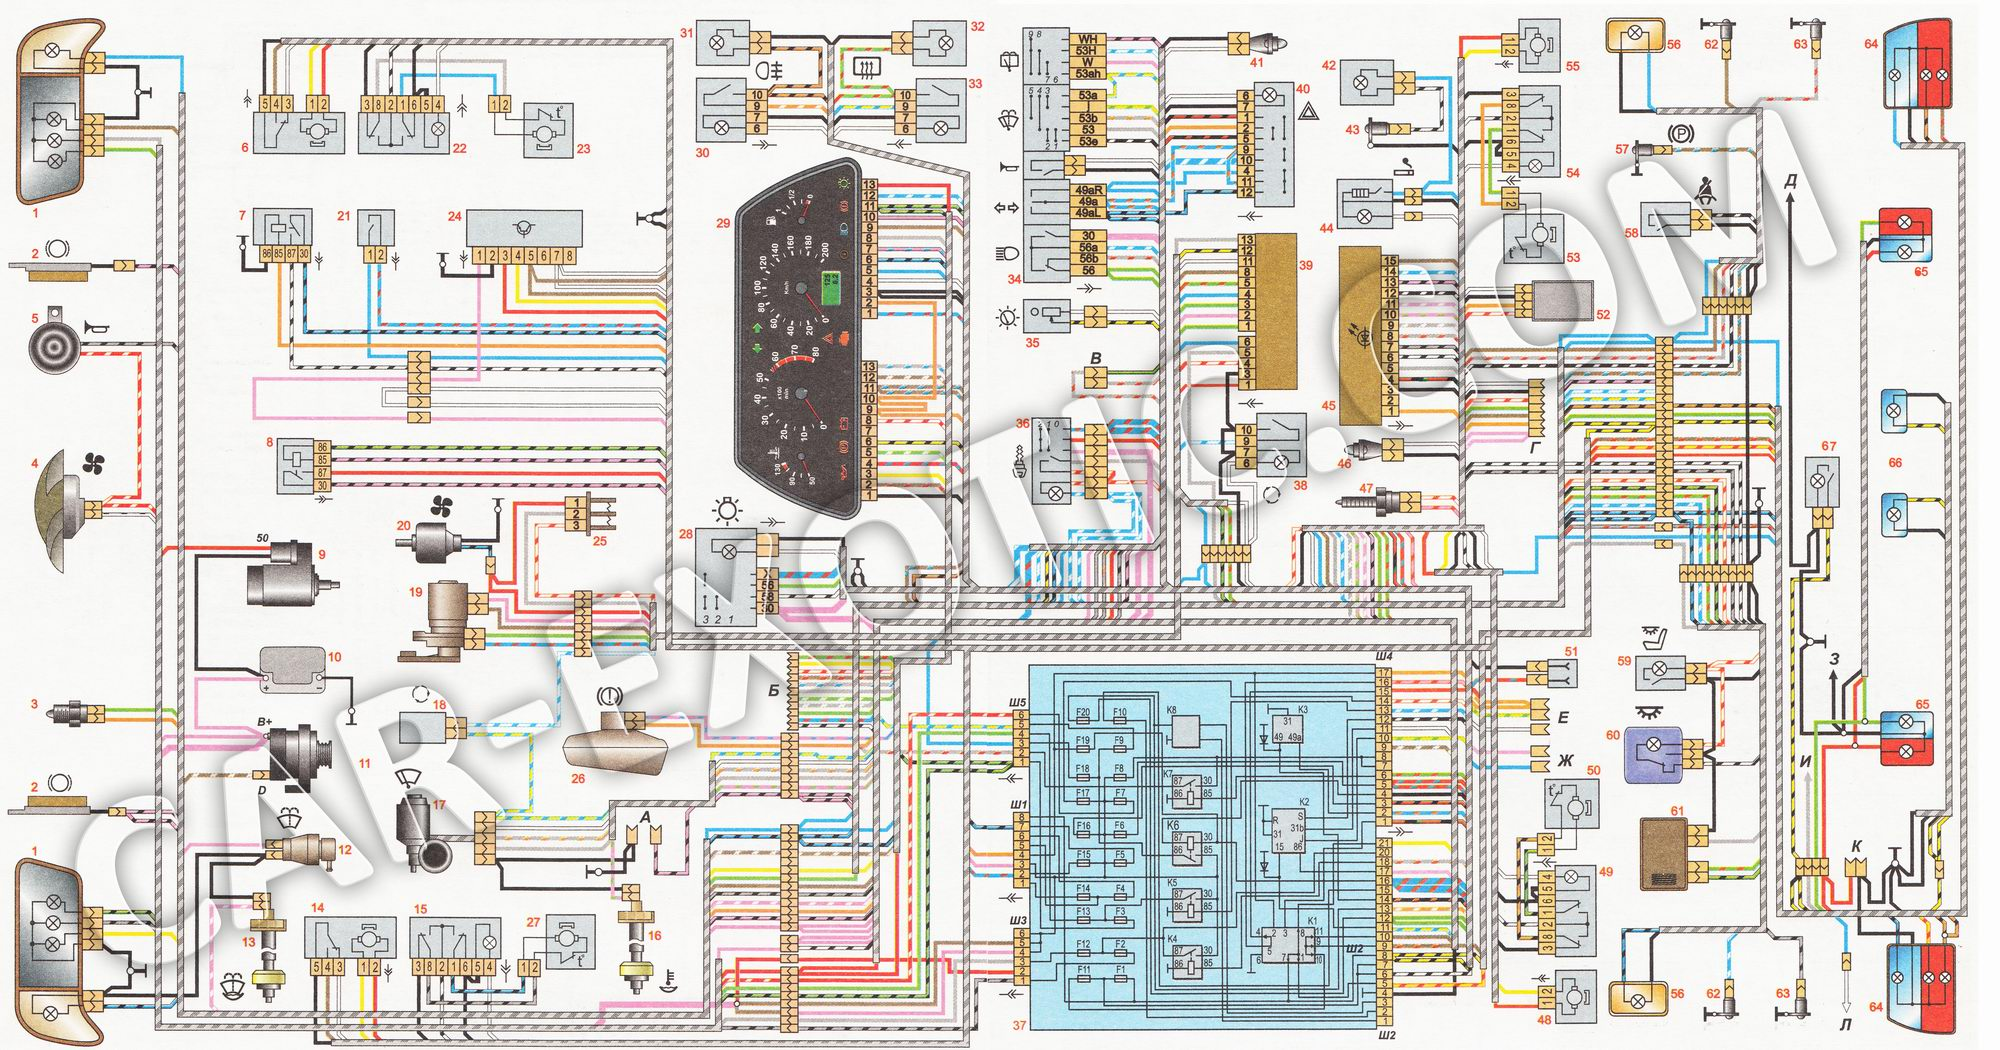 Атому серы соответствует электронная схема фото 151